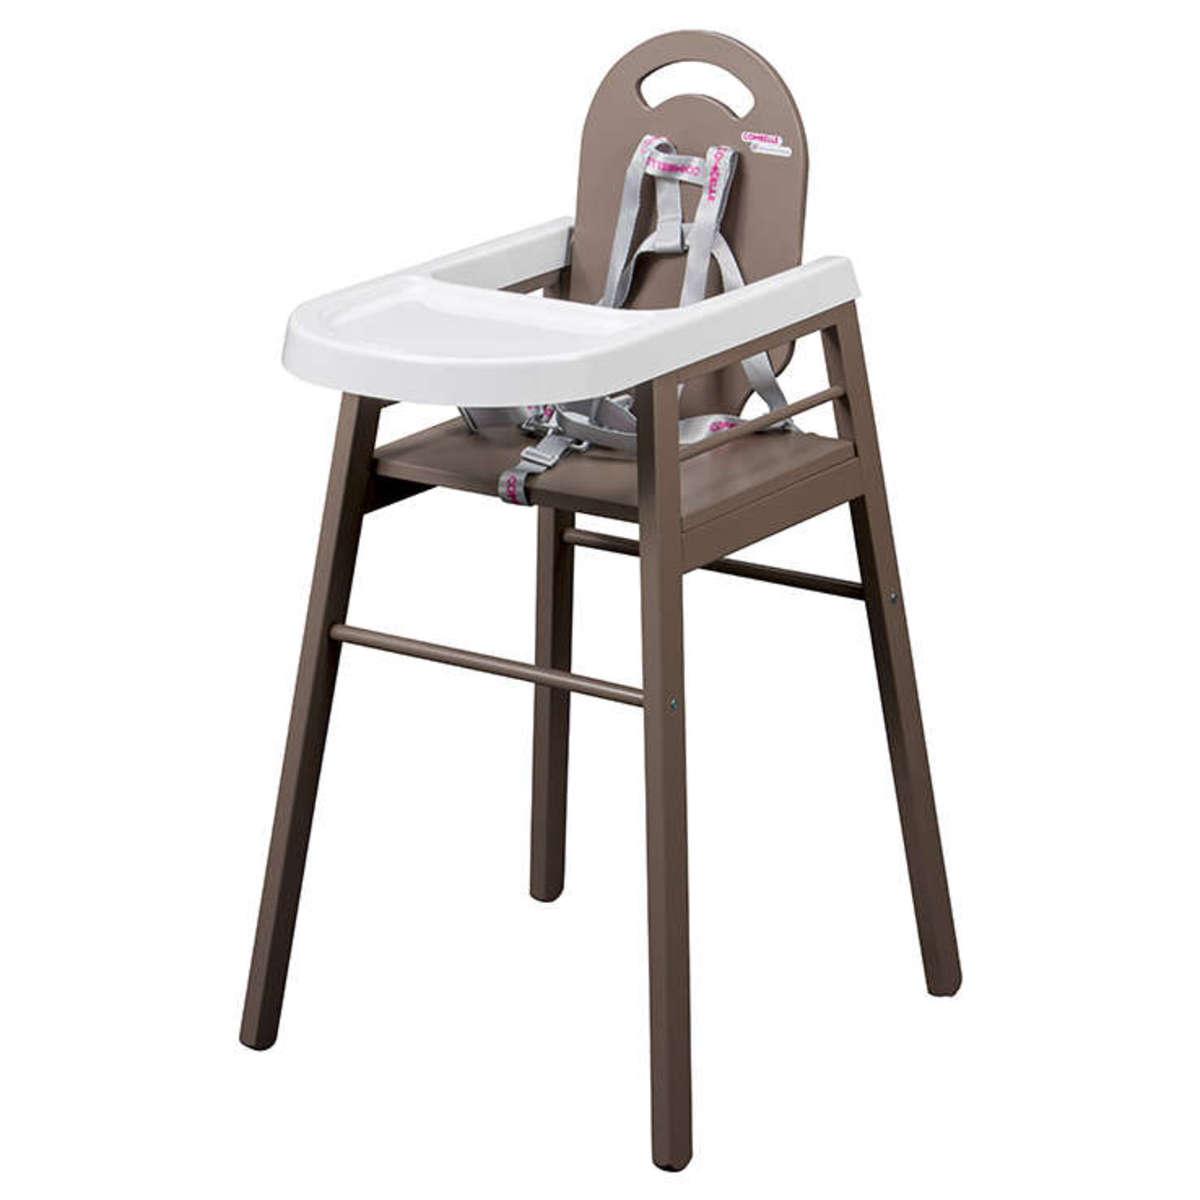 Chaise haute Chaise Haute Fixe Lili - Taupe Chaise Haute Fixe Lili - Taupe